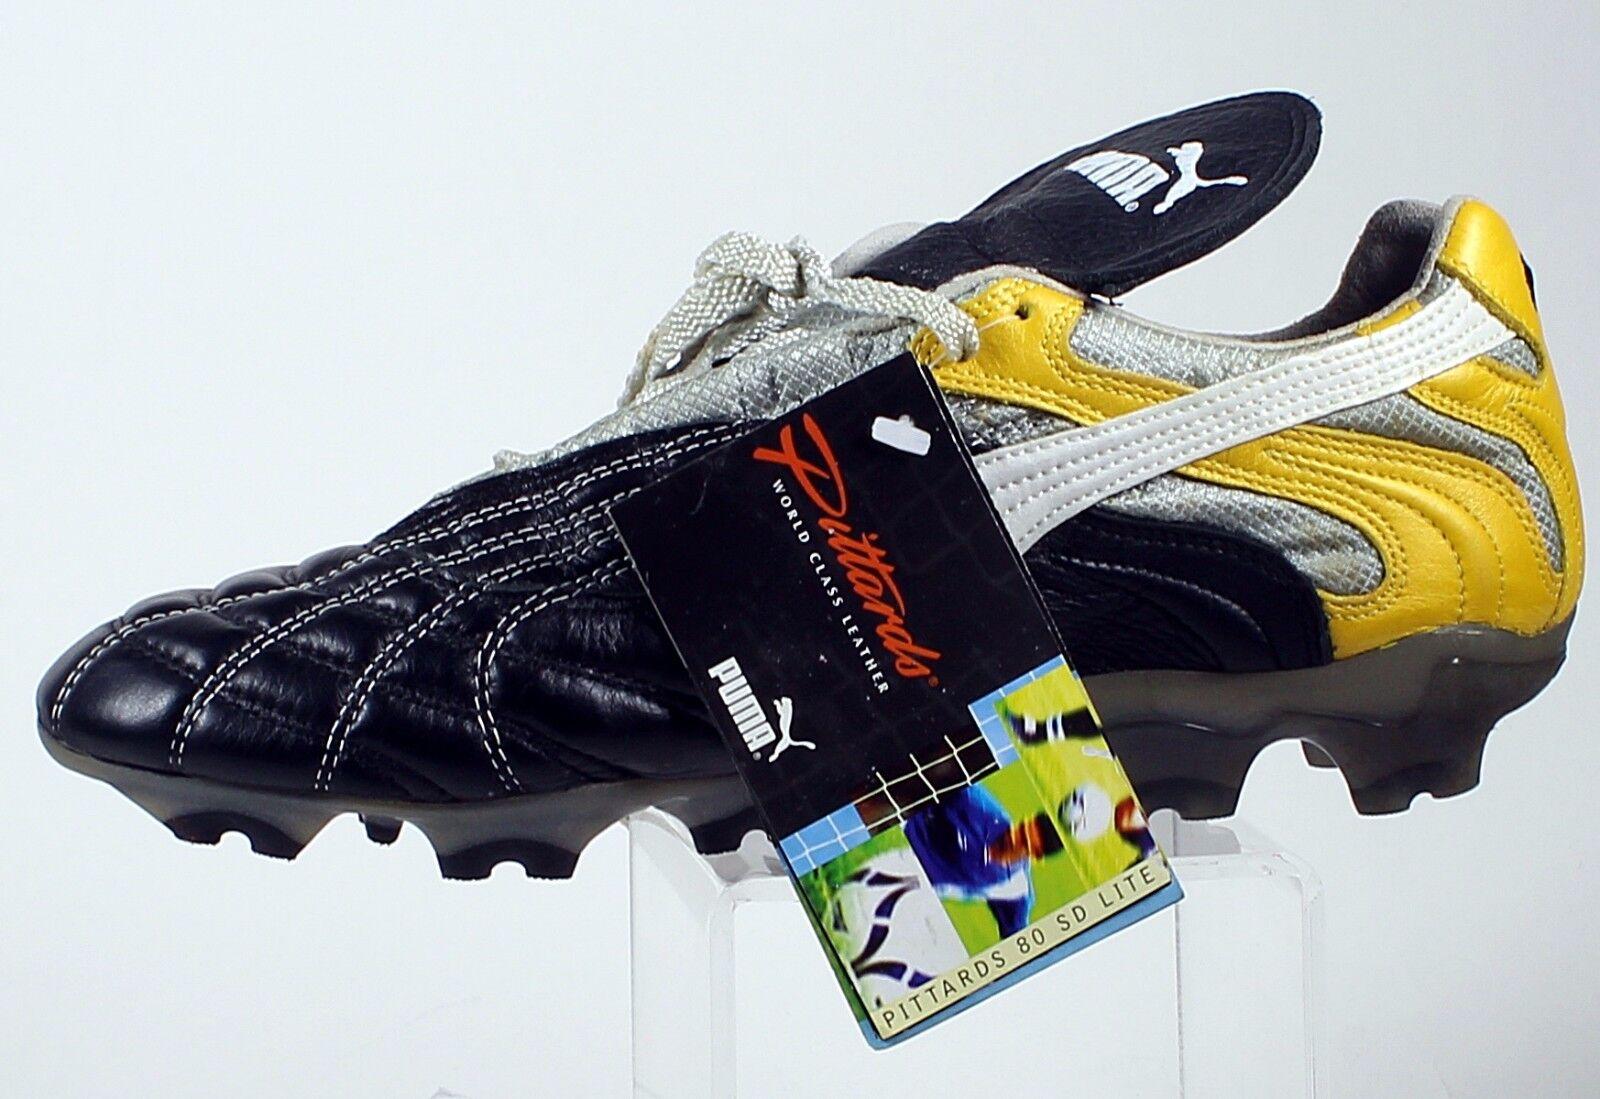 Puma Pittards 80 pequeño diámetro Lite 9 1 2 Zapato De Fútbol Rara Lite temprano década de 2000